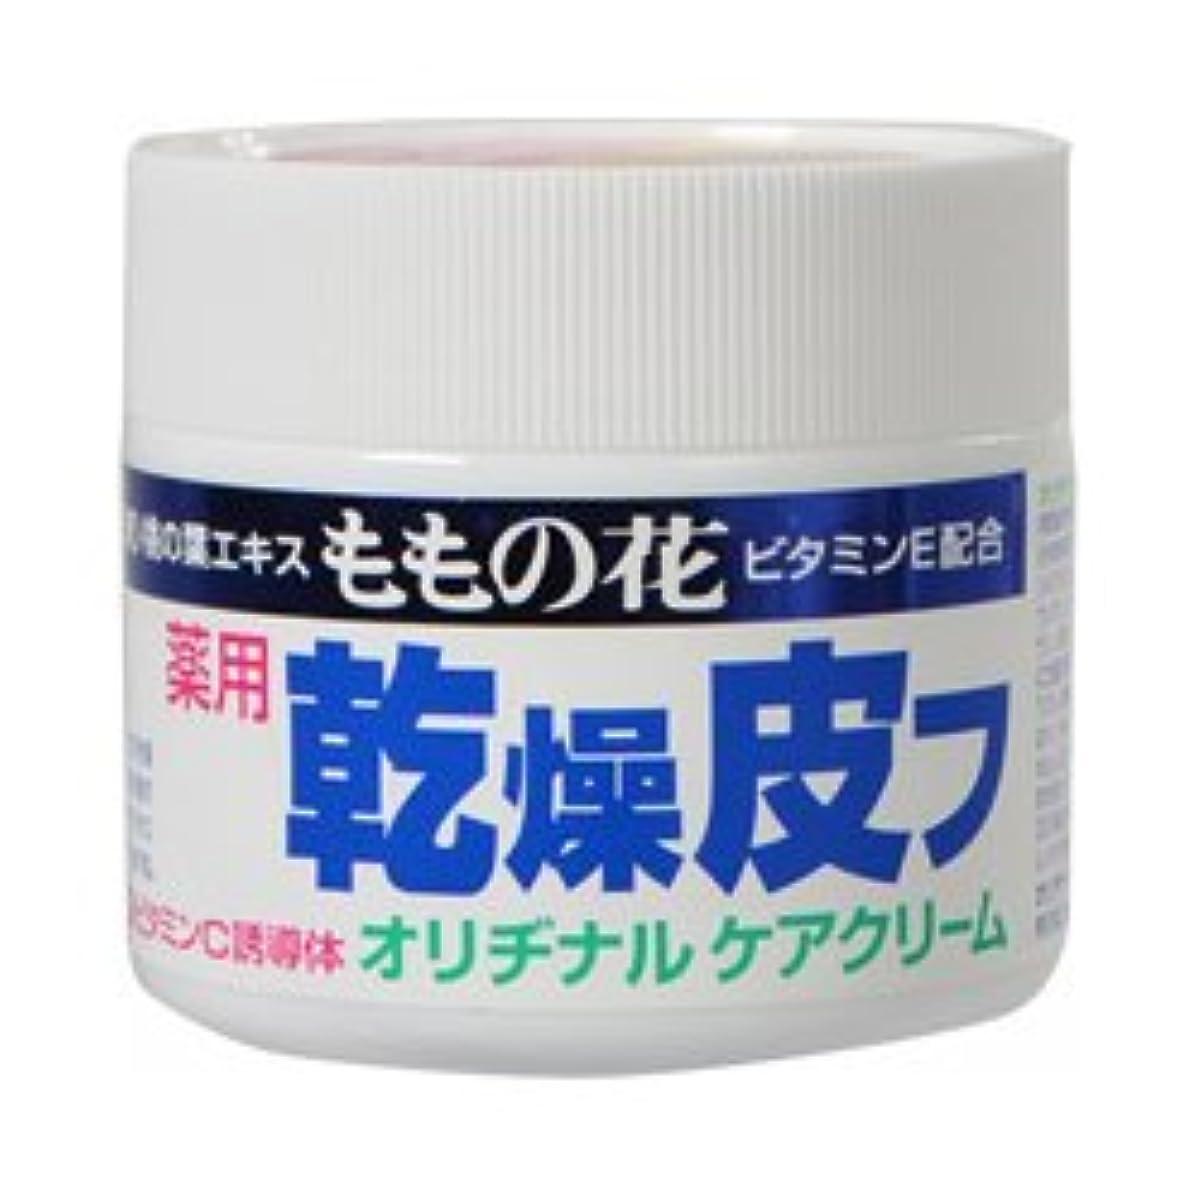 【オリヂナル】ももの花乾燥皮フクリームC 70g ×10個セット